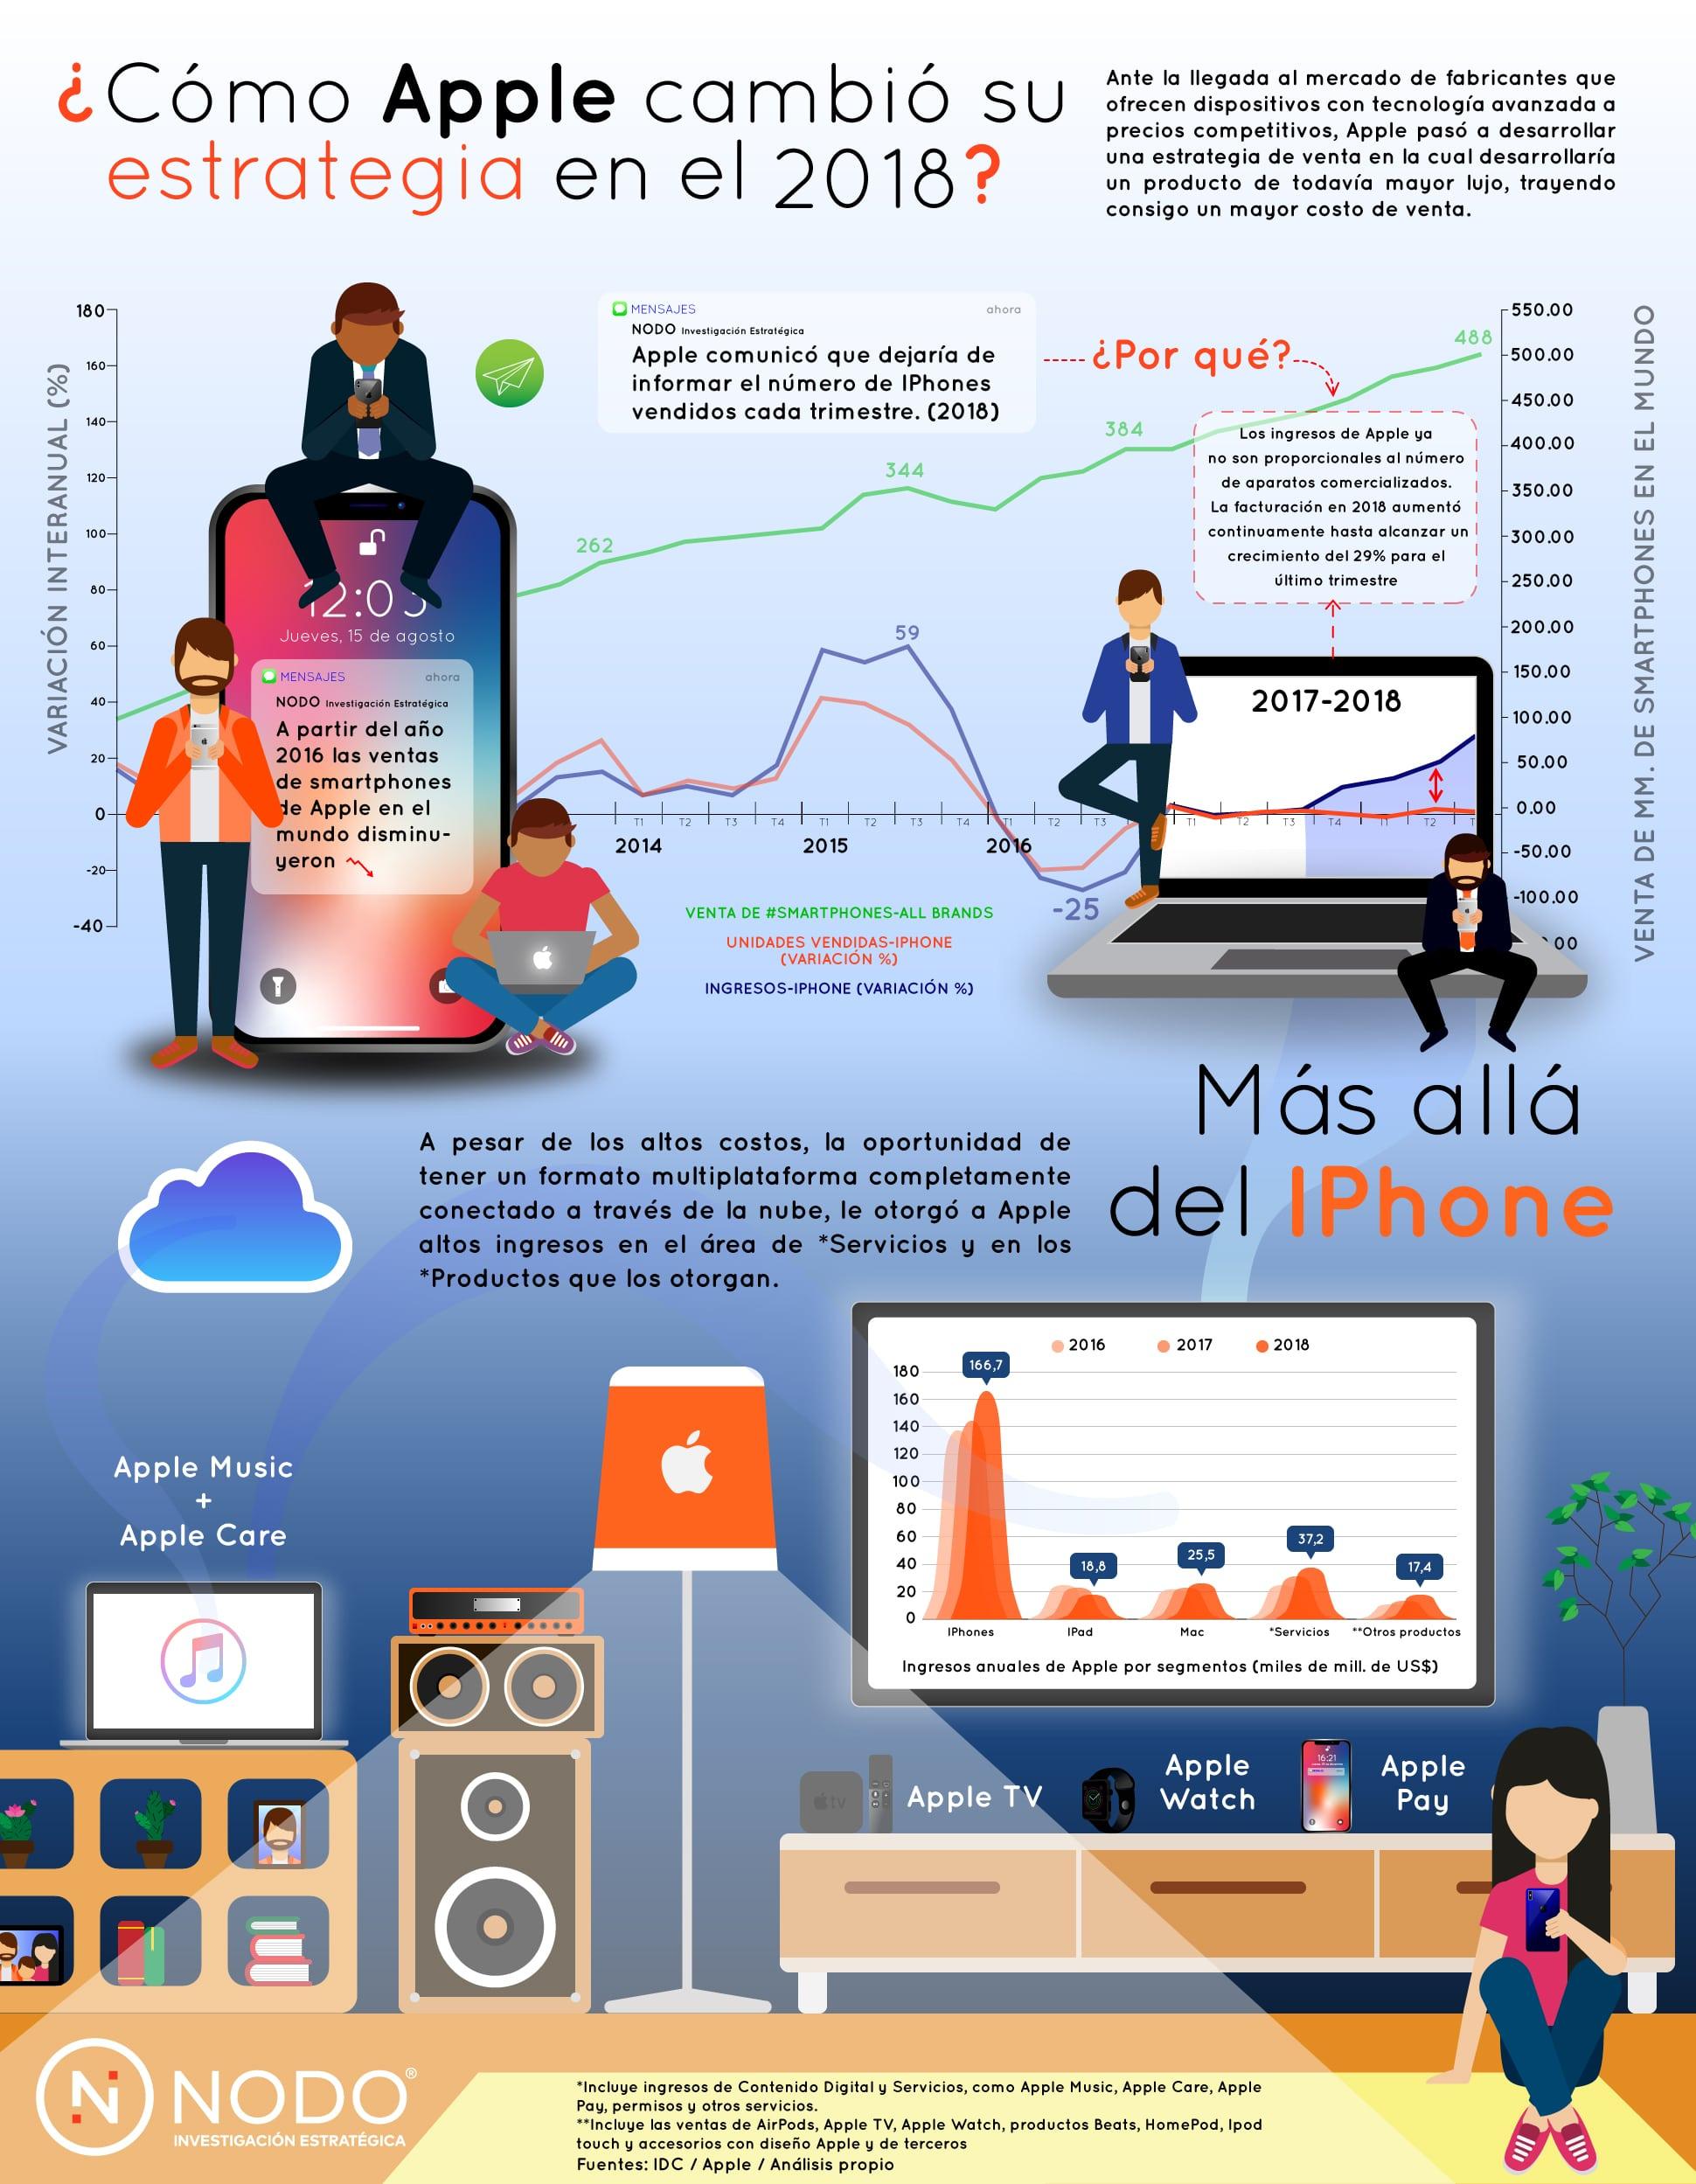 Infografía Apple cambio estrategia